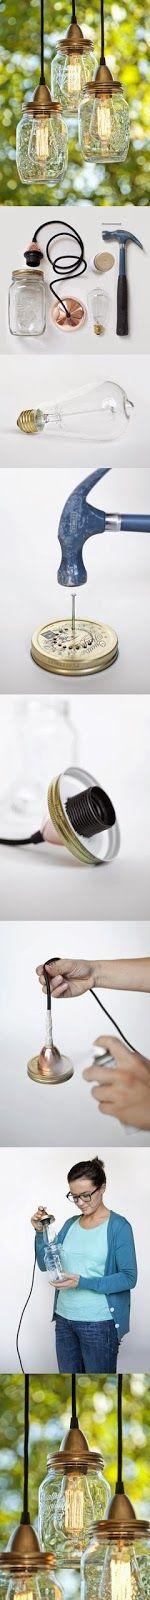 DIY SUPER IDEAS: DIY Mason Jar Light